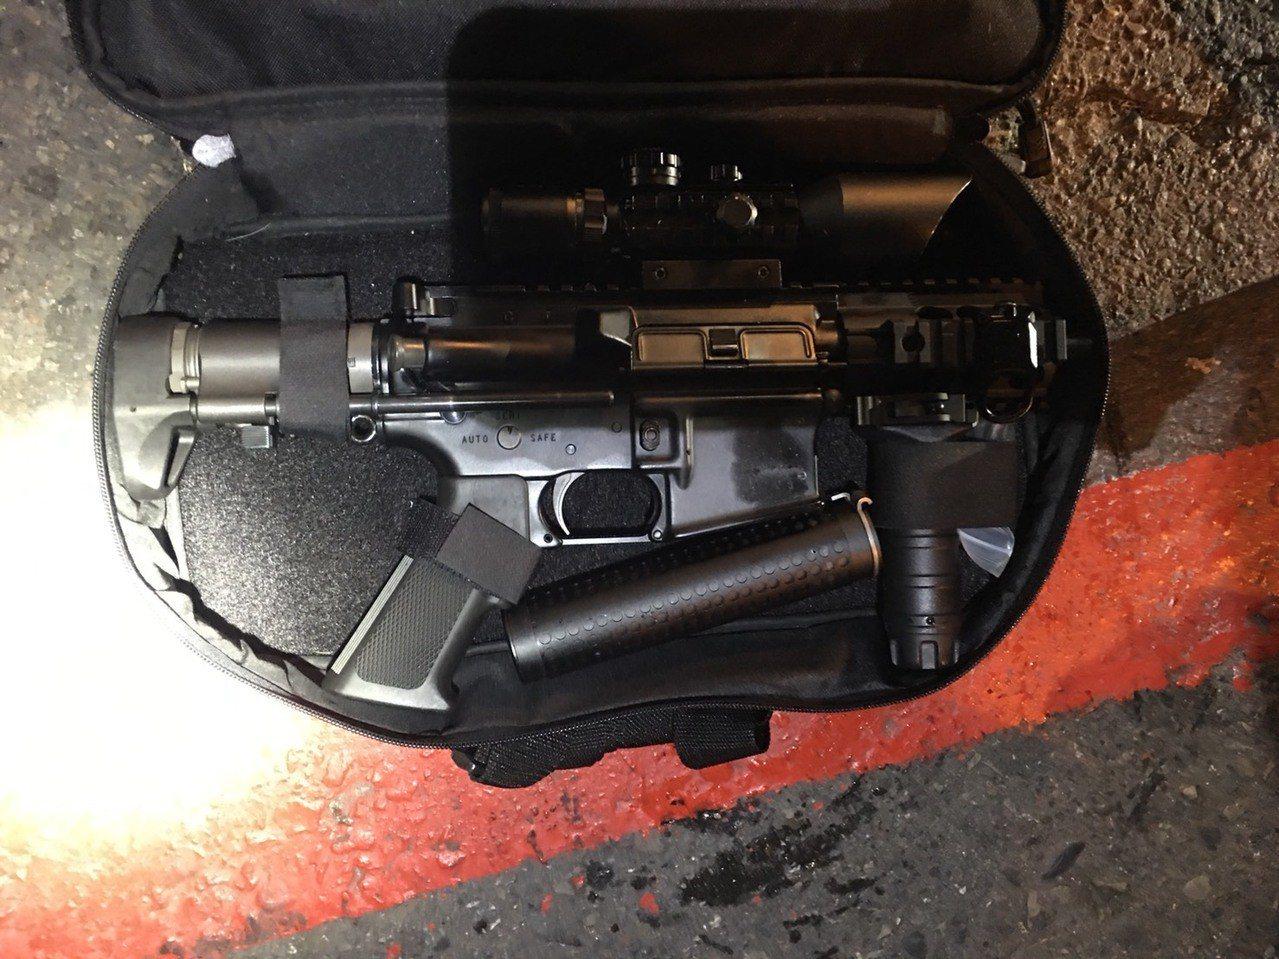 通緝犯陳祈安等人座車上搜出衝鋒槍。記者林伯驊/翻攝